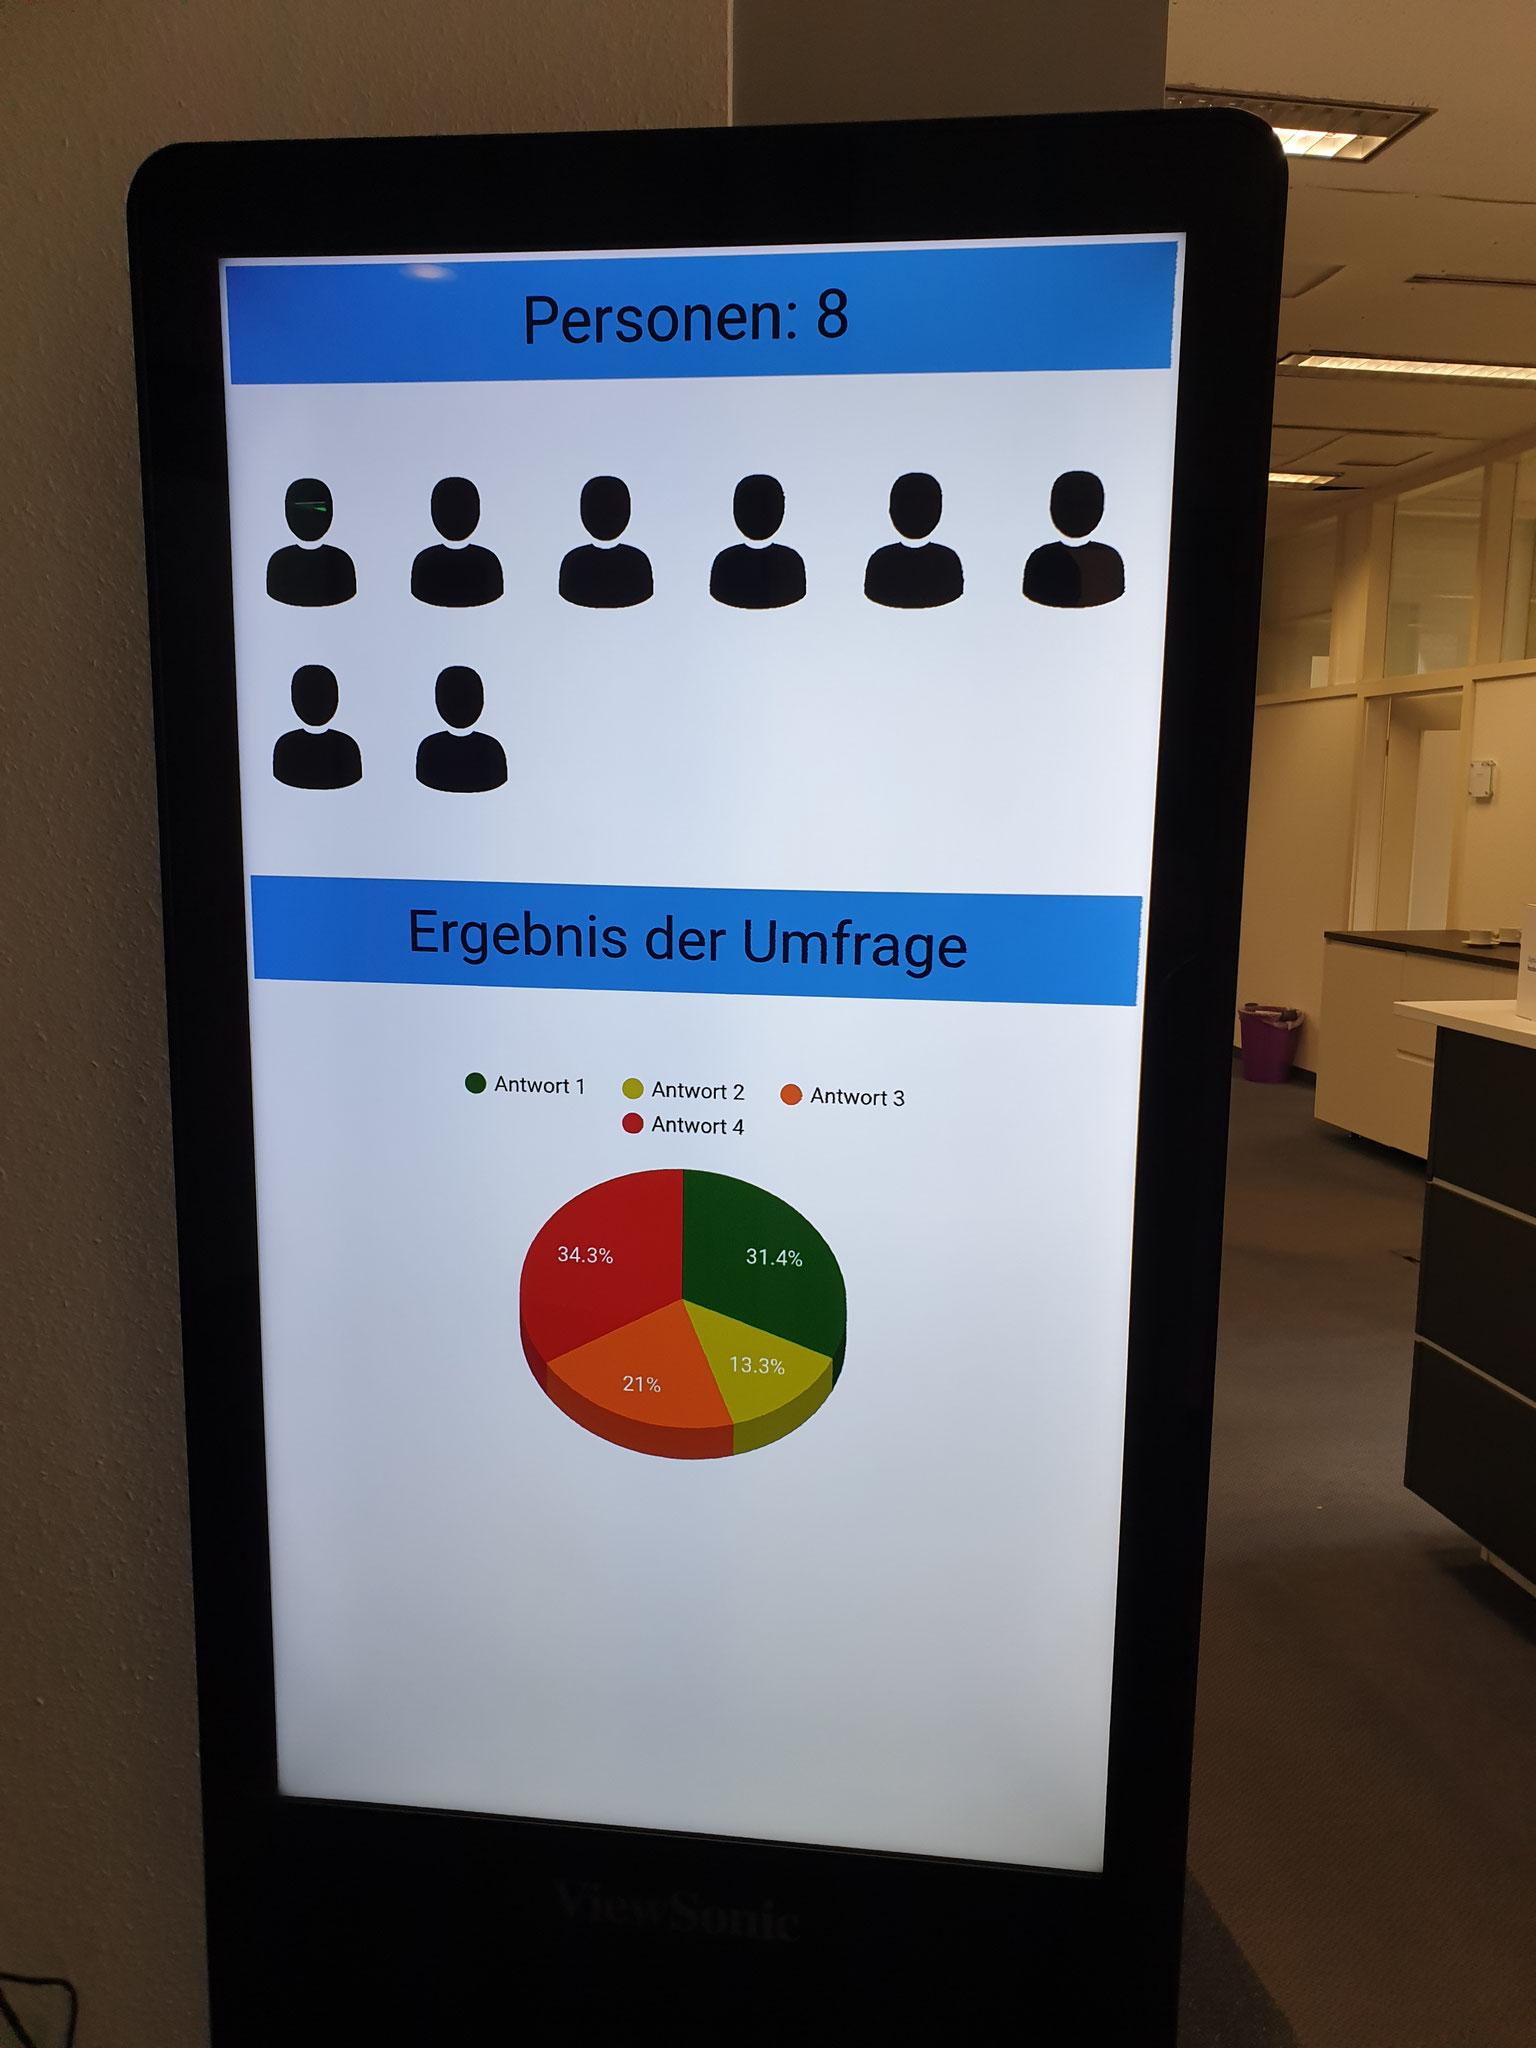 Kunde: DZ Ulm - IoT Personenzähler / LoraWAN Umfrageterminals